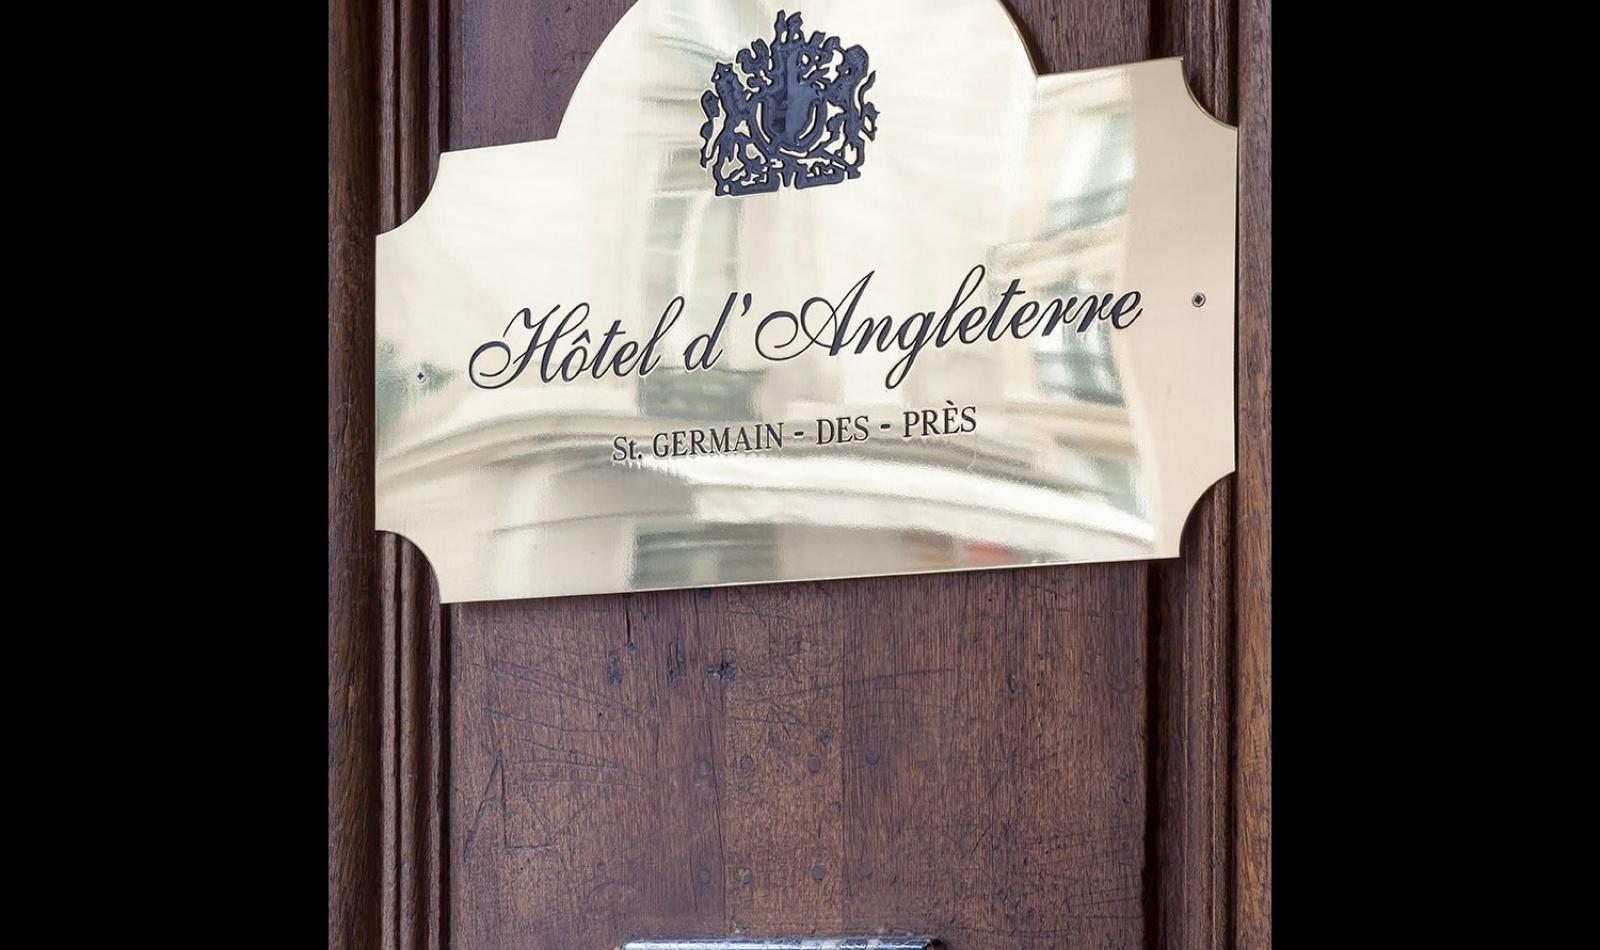 Hotel d'Angleterre - Façade de l'hôtel